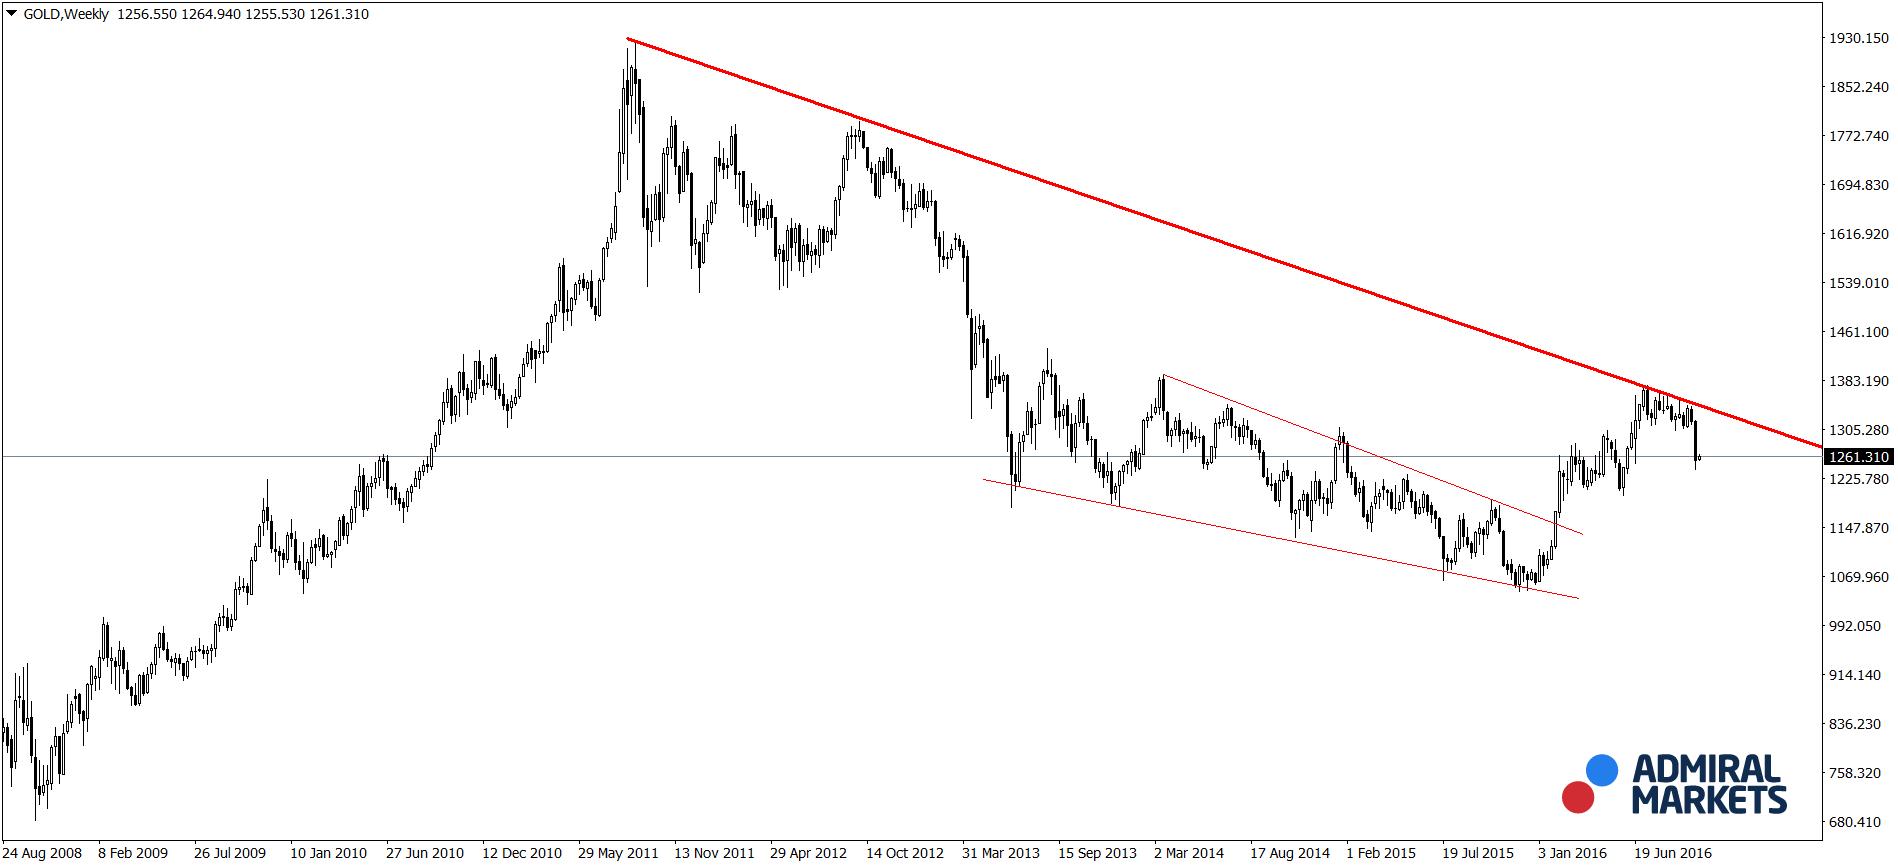 Cours de l'or plateforme de trading